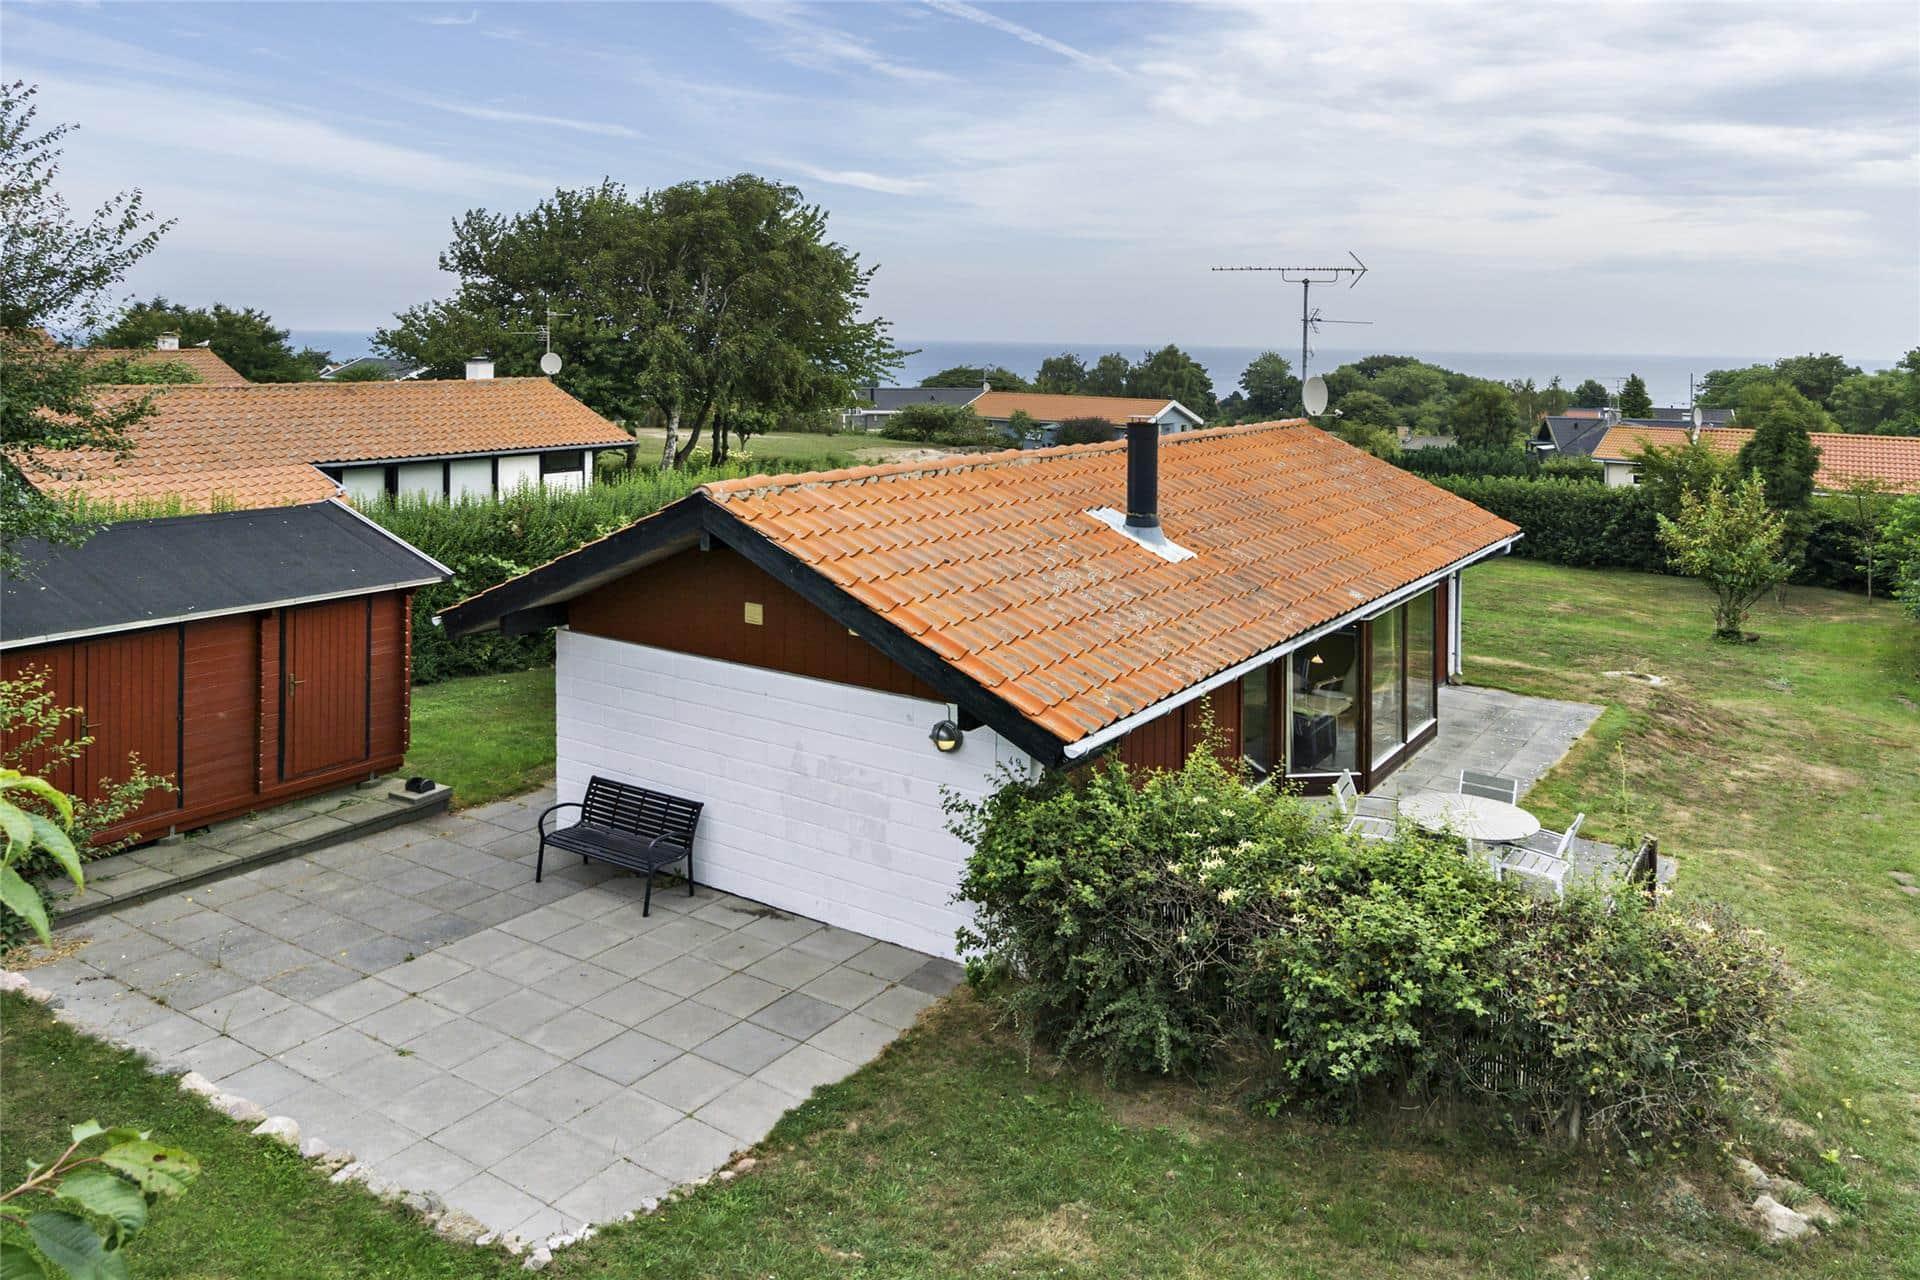 Billede 1-10 Sommerhus 6605, Markvejen 49, DK - 3770 Allinge